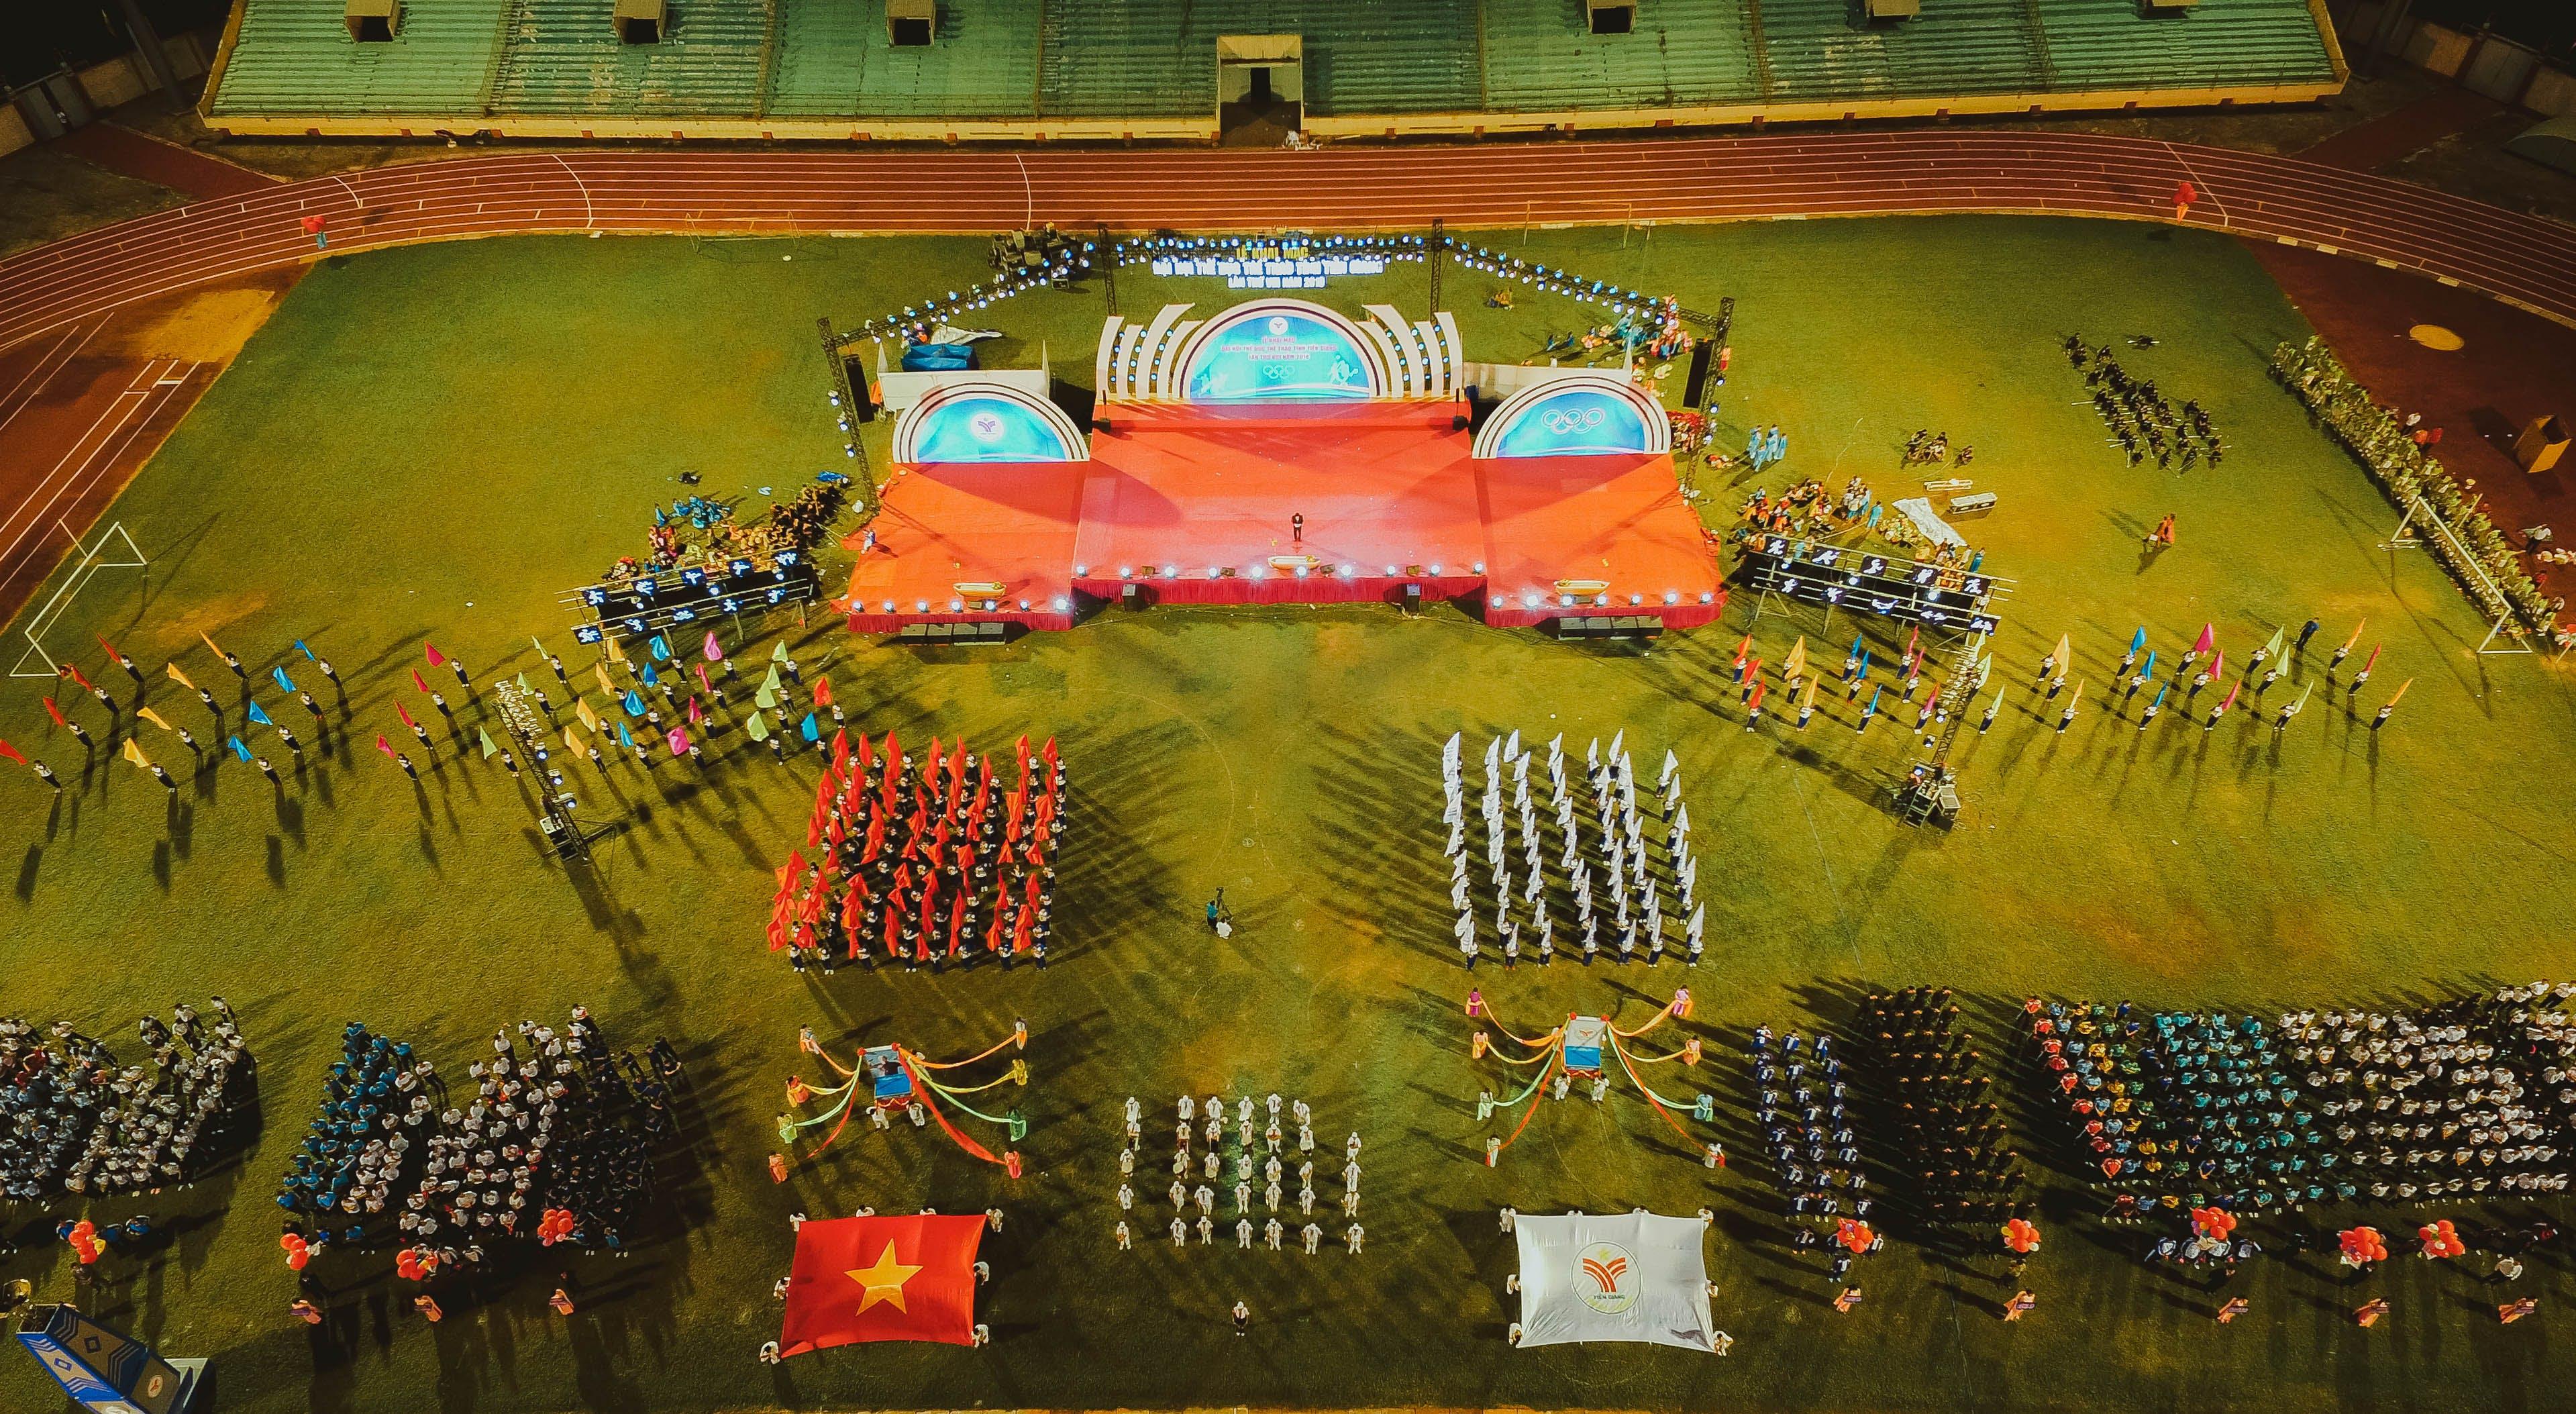 Ceremonial Event